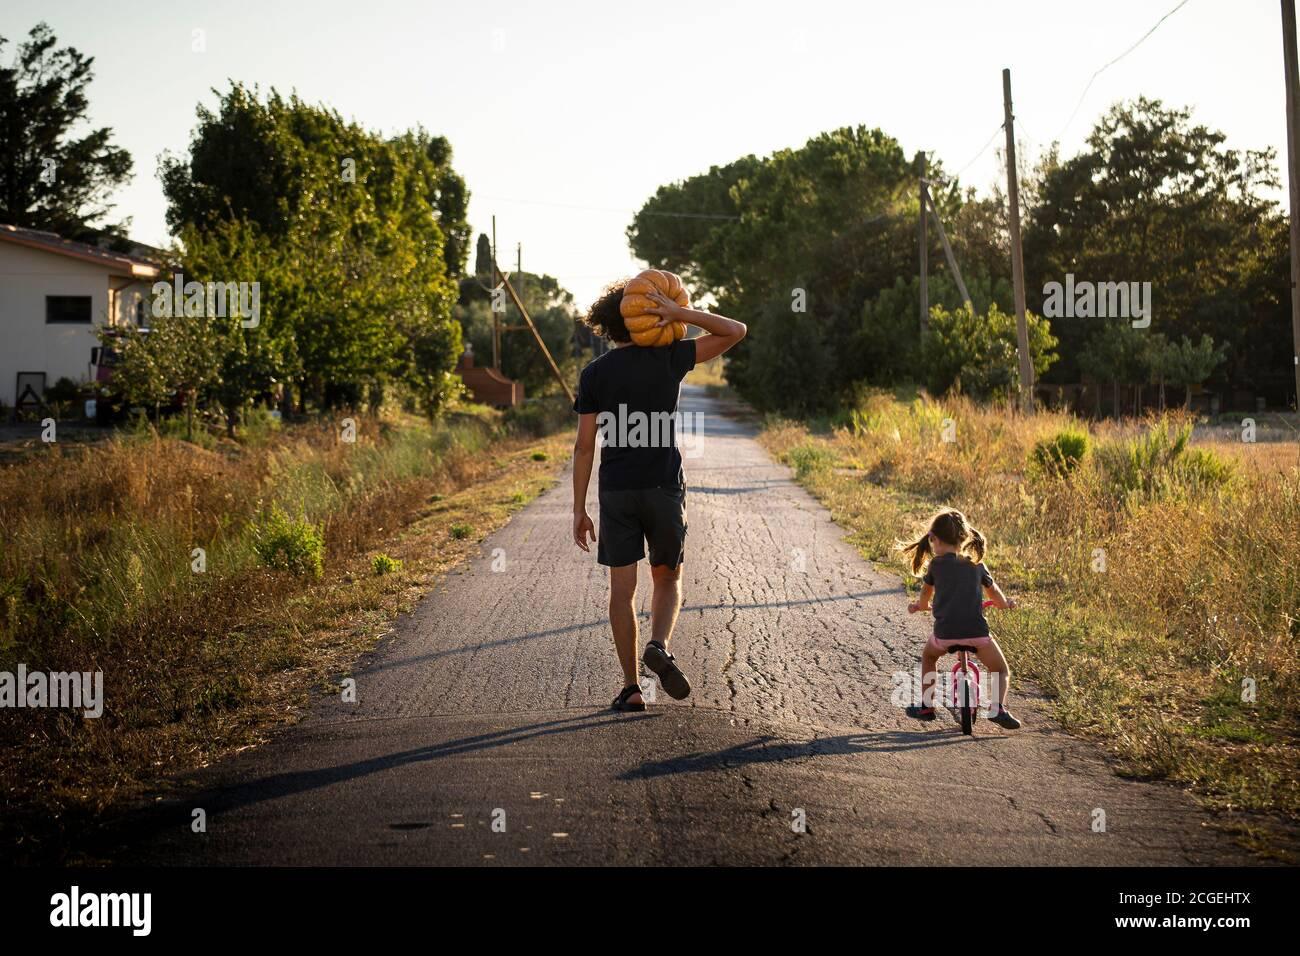 Kleines Mädchen, Fahrrad fahren, mit ihrem jungen Vater trägt einen großen halloween-Kürbis auf einer Landstraße bei Sonnenuntergang. Rückansicht. Stockfoto